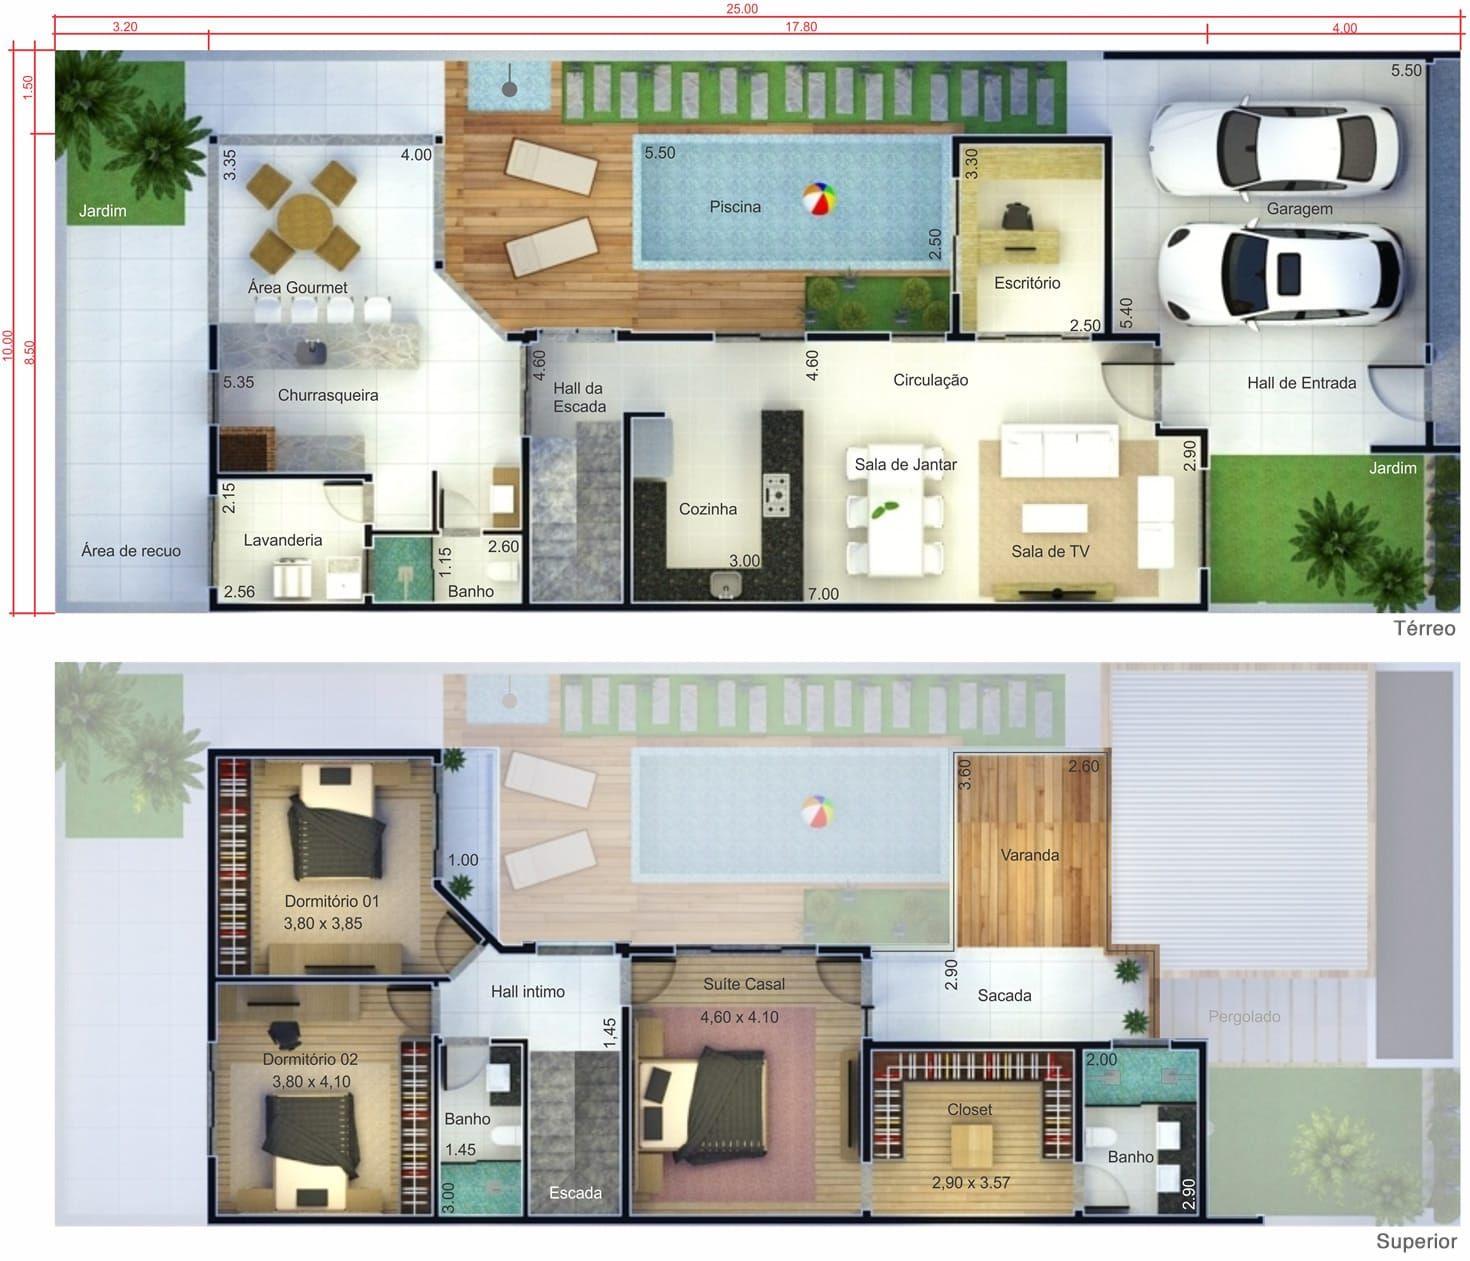 Proyecto de casa con terraza plano para terreno 10x25 - Plantas terraza ...